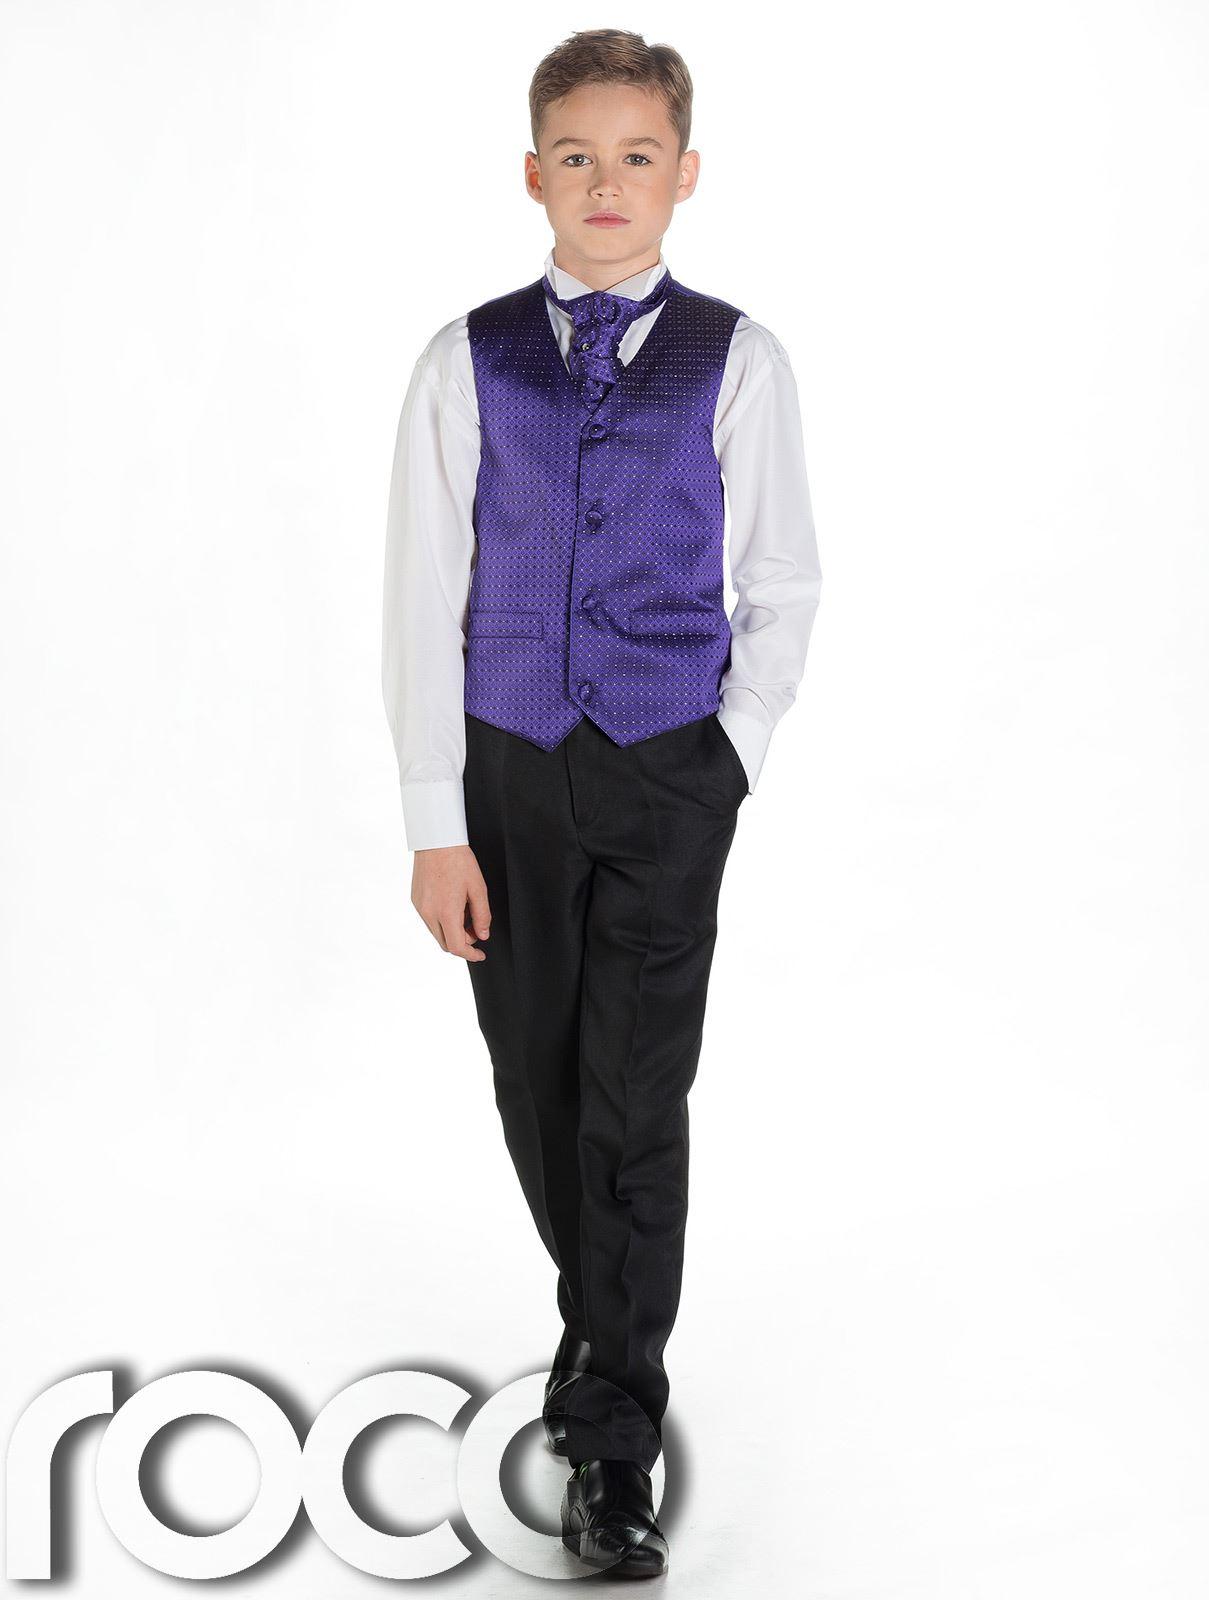 Anzughosen. Der perfekte Anzug sorgt für ein seriöses und adrettes Erscheinungsbild. Die richtige Auswahl der Anzughose spielt dabei eine wesentliche Rolle. Lasse dich hier vor dem Kauf beraten.